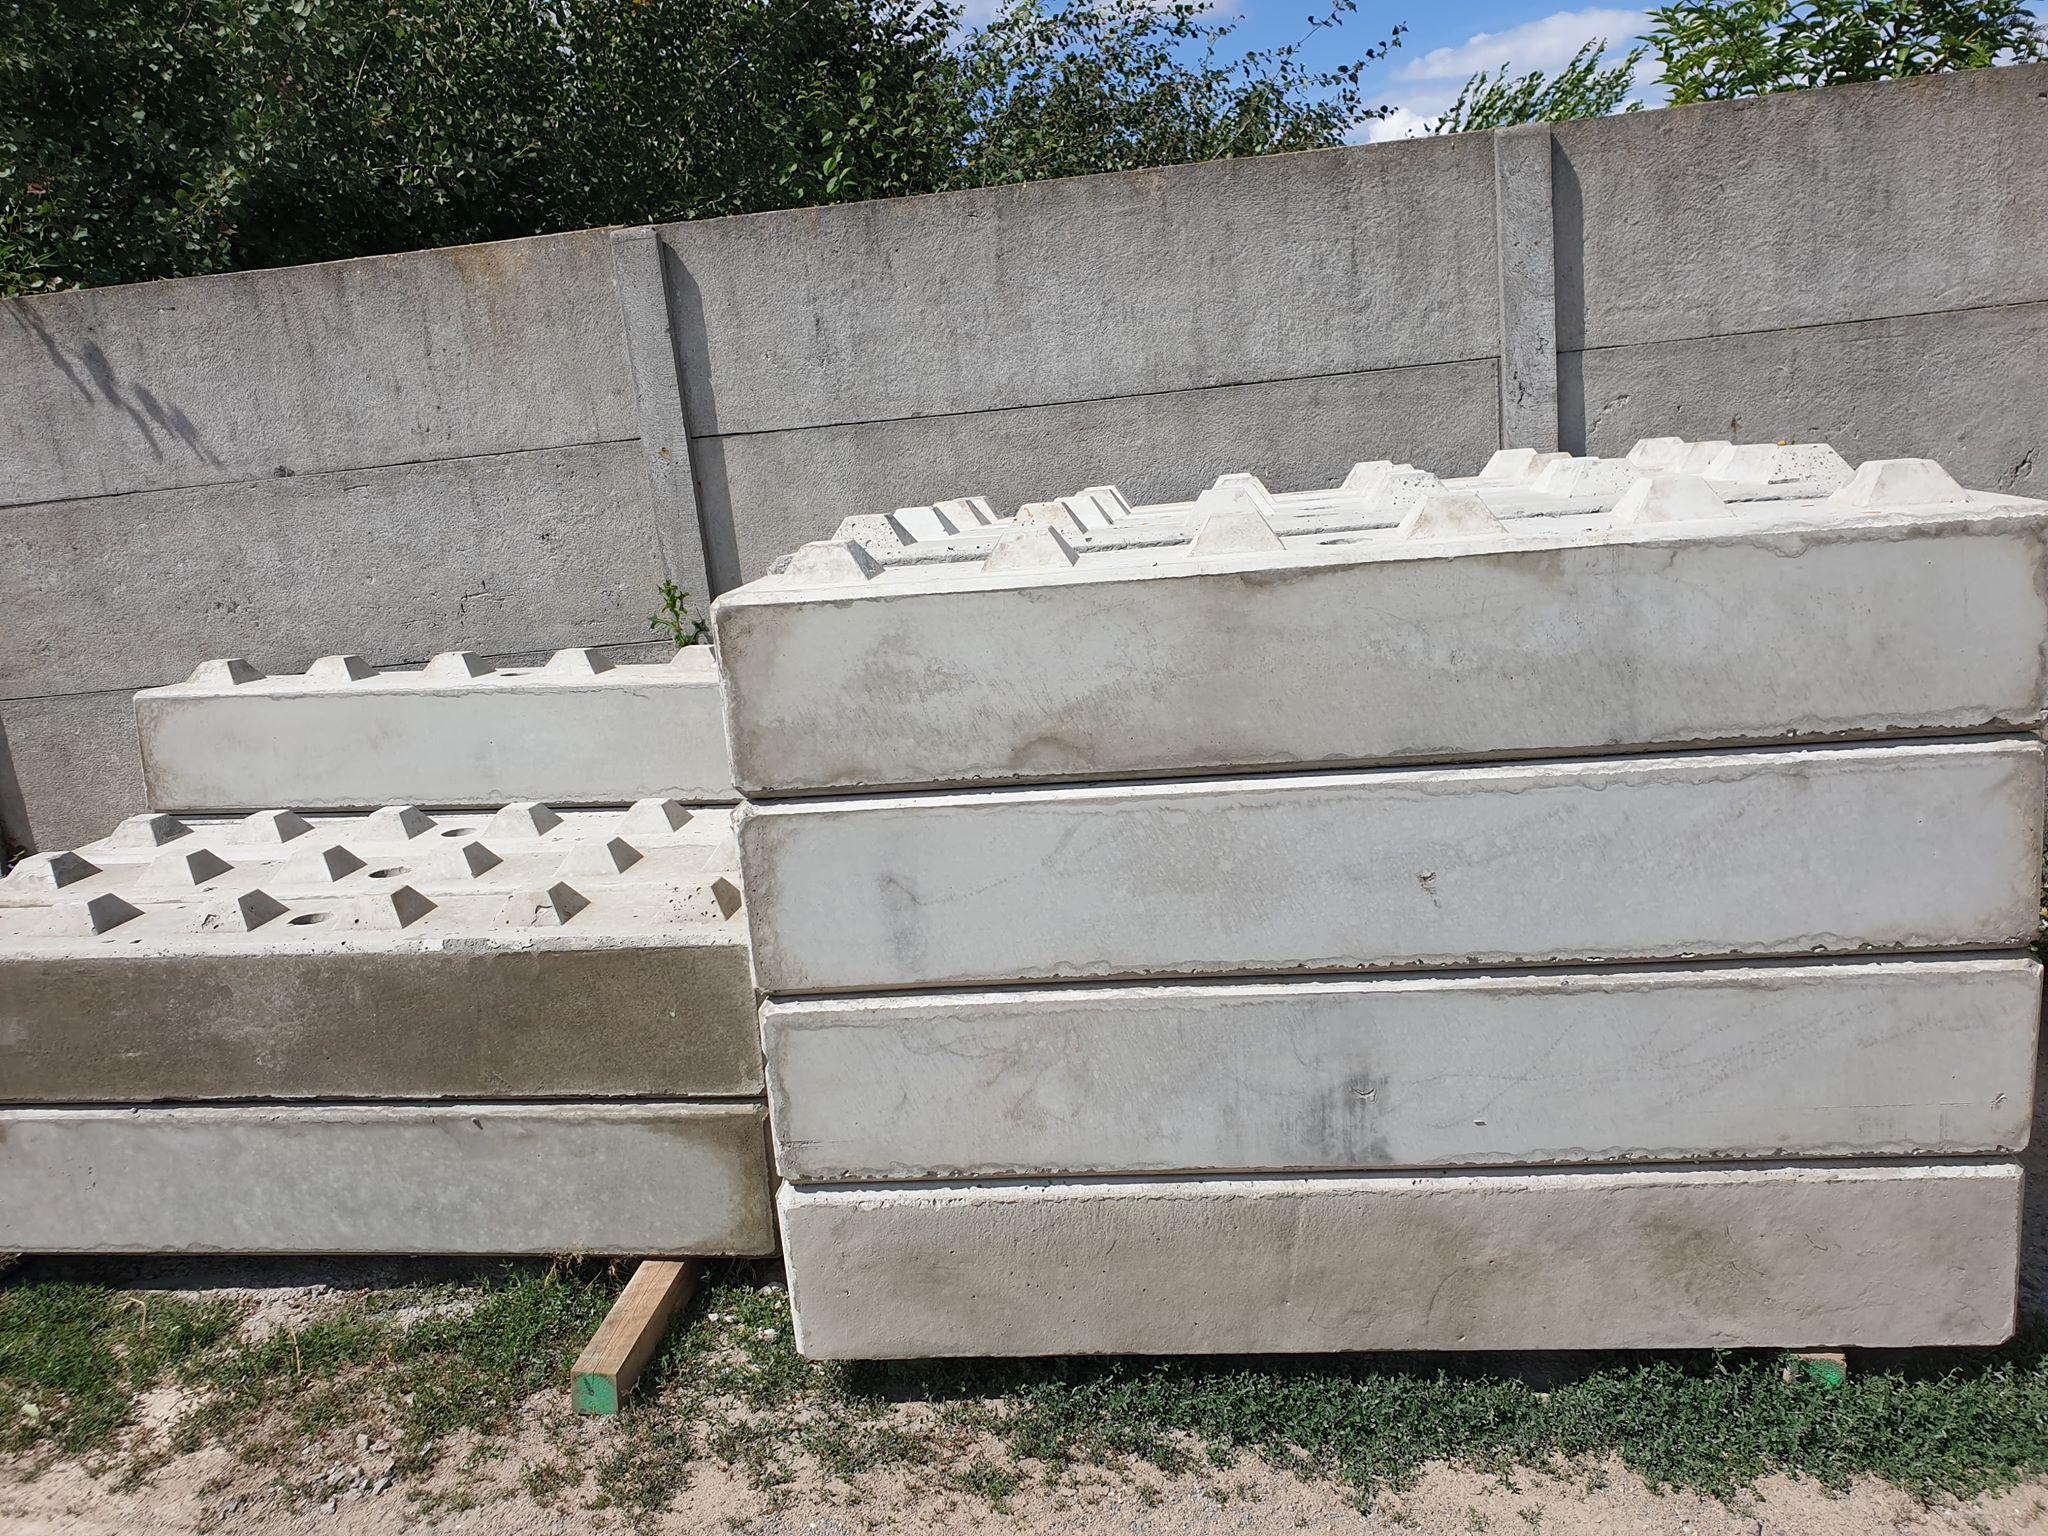 Klocki z betonu w wymiarach 30x30x180